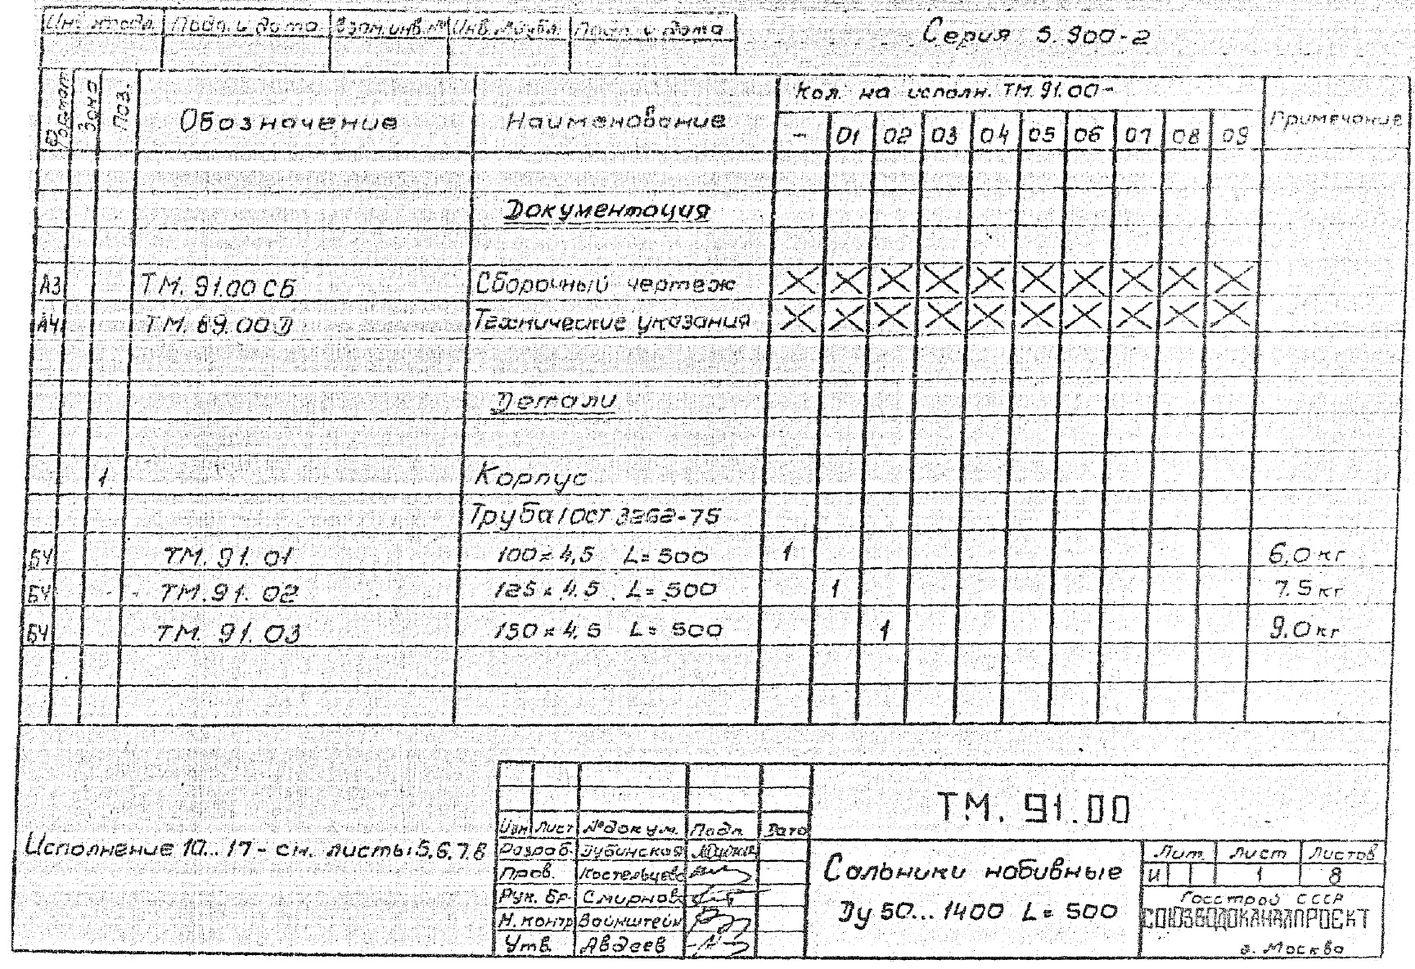 Сальники набивные ТМ.91.00 серия 5.900-2 стр.2